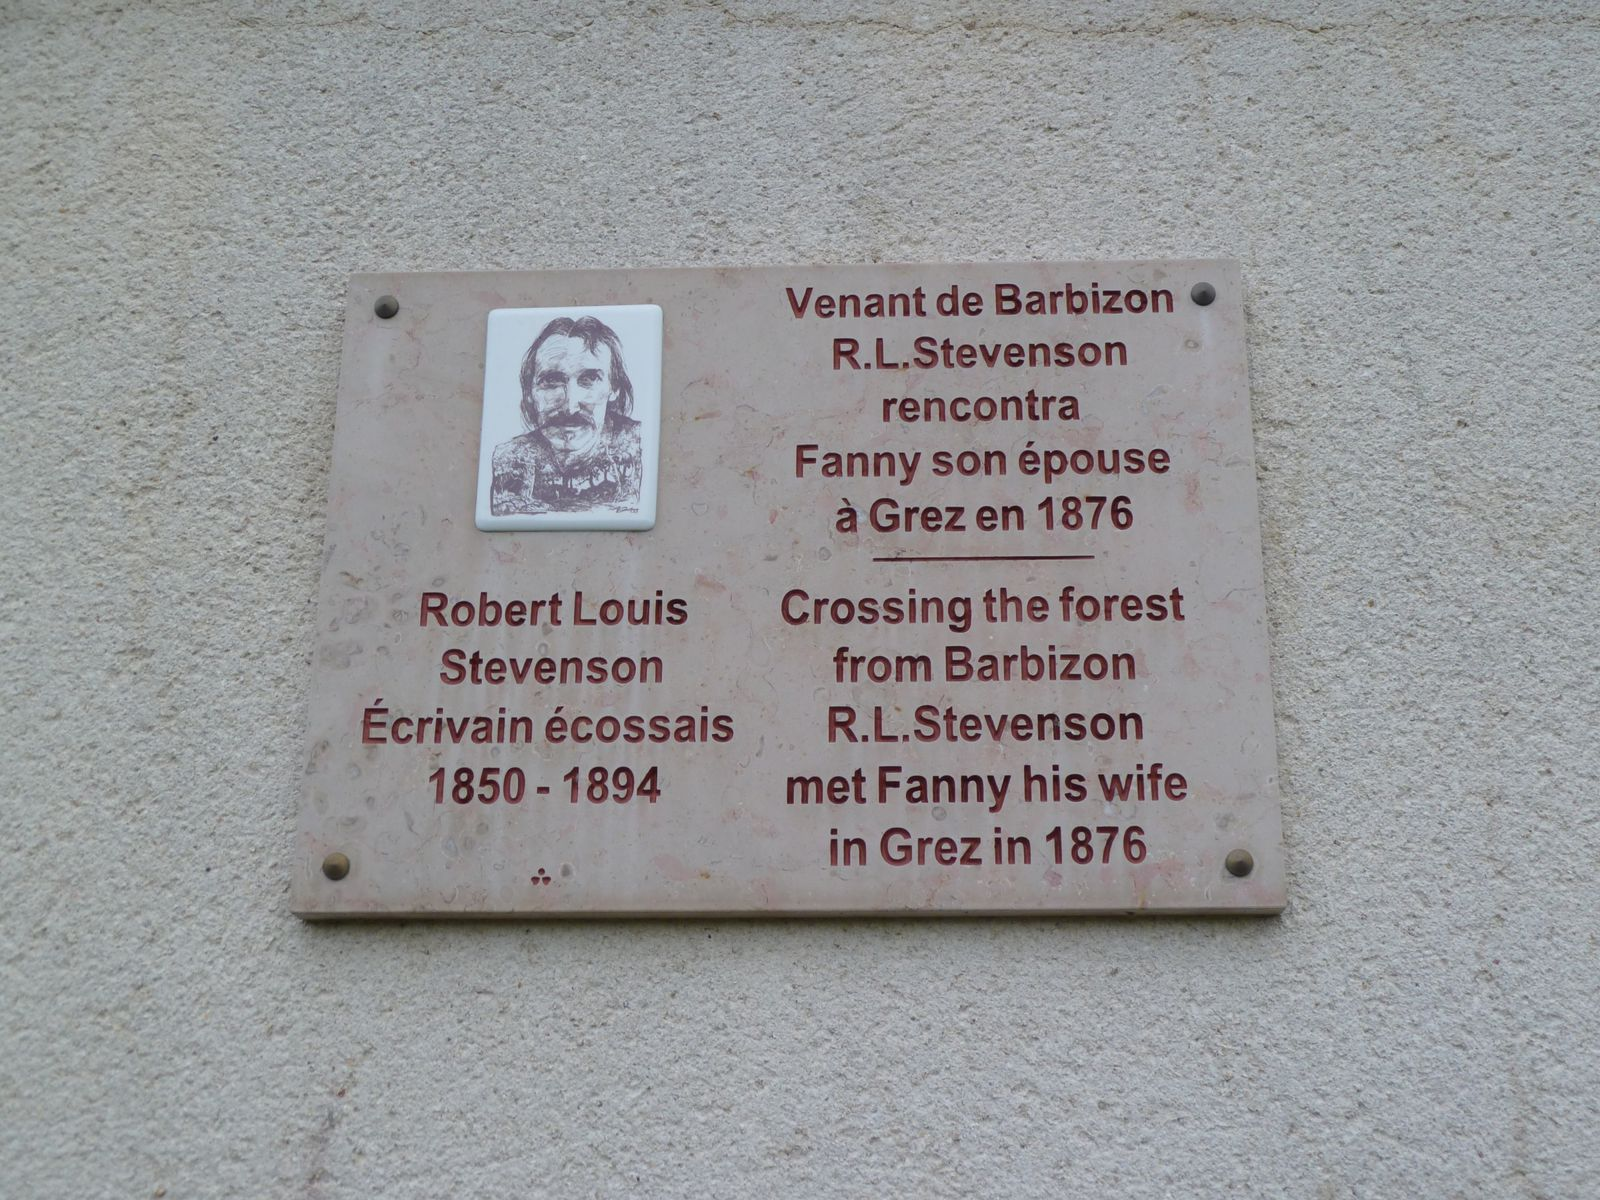 A un carrefour, une plaque apposée sur le mur d'une maison nous apprend que l'écrivain Robert-Louis Stevenson (écrivain écossais, auteur de l'Ile au Trésor) écrivit, concernant le Vieux Pont, qu'il était accroché sur les cimaises du monde entier, ce qui aujourd'hui encore est une réalité. C'est à Grez qu'il rencontra sa future épouse Fanny.